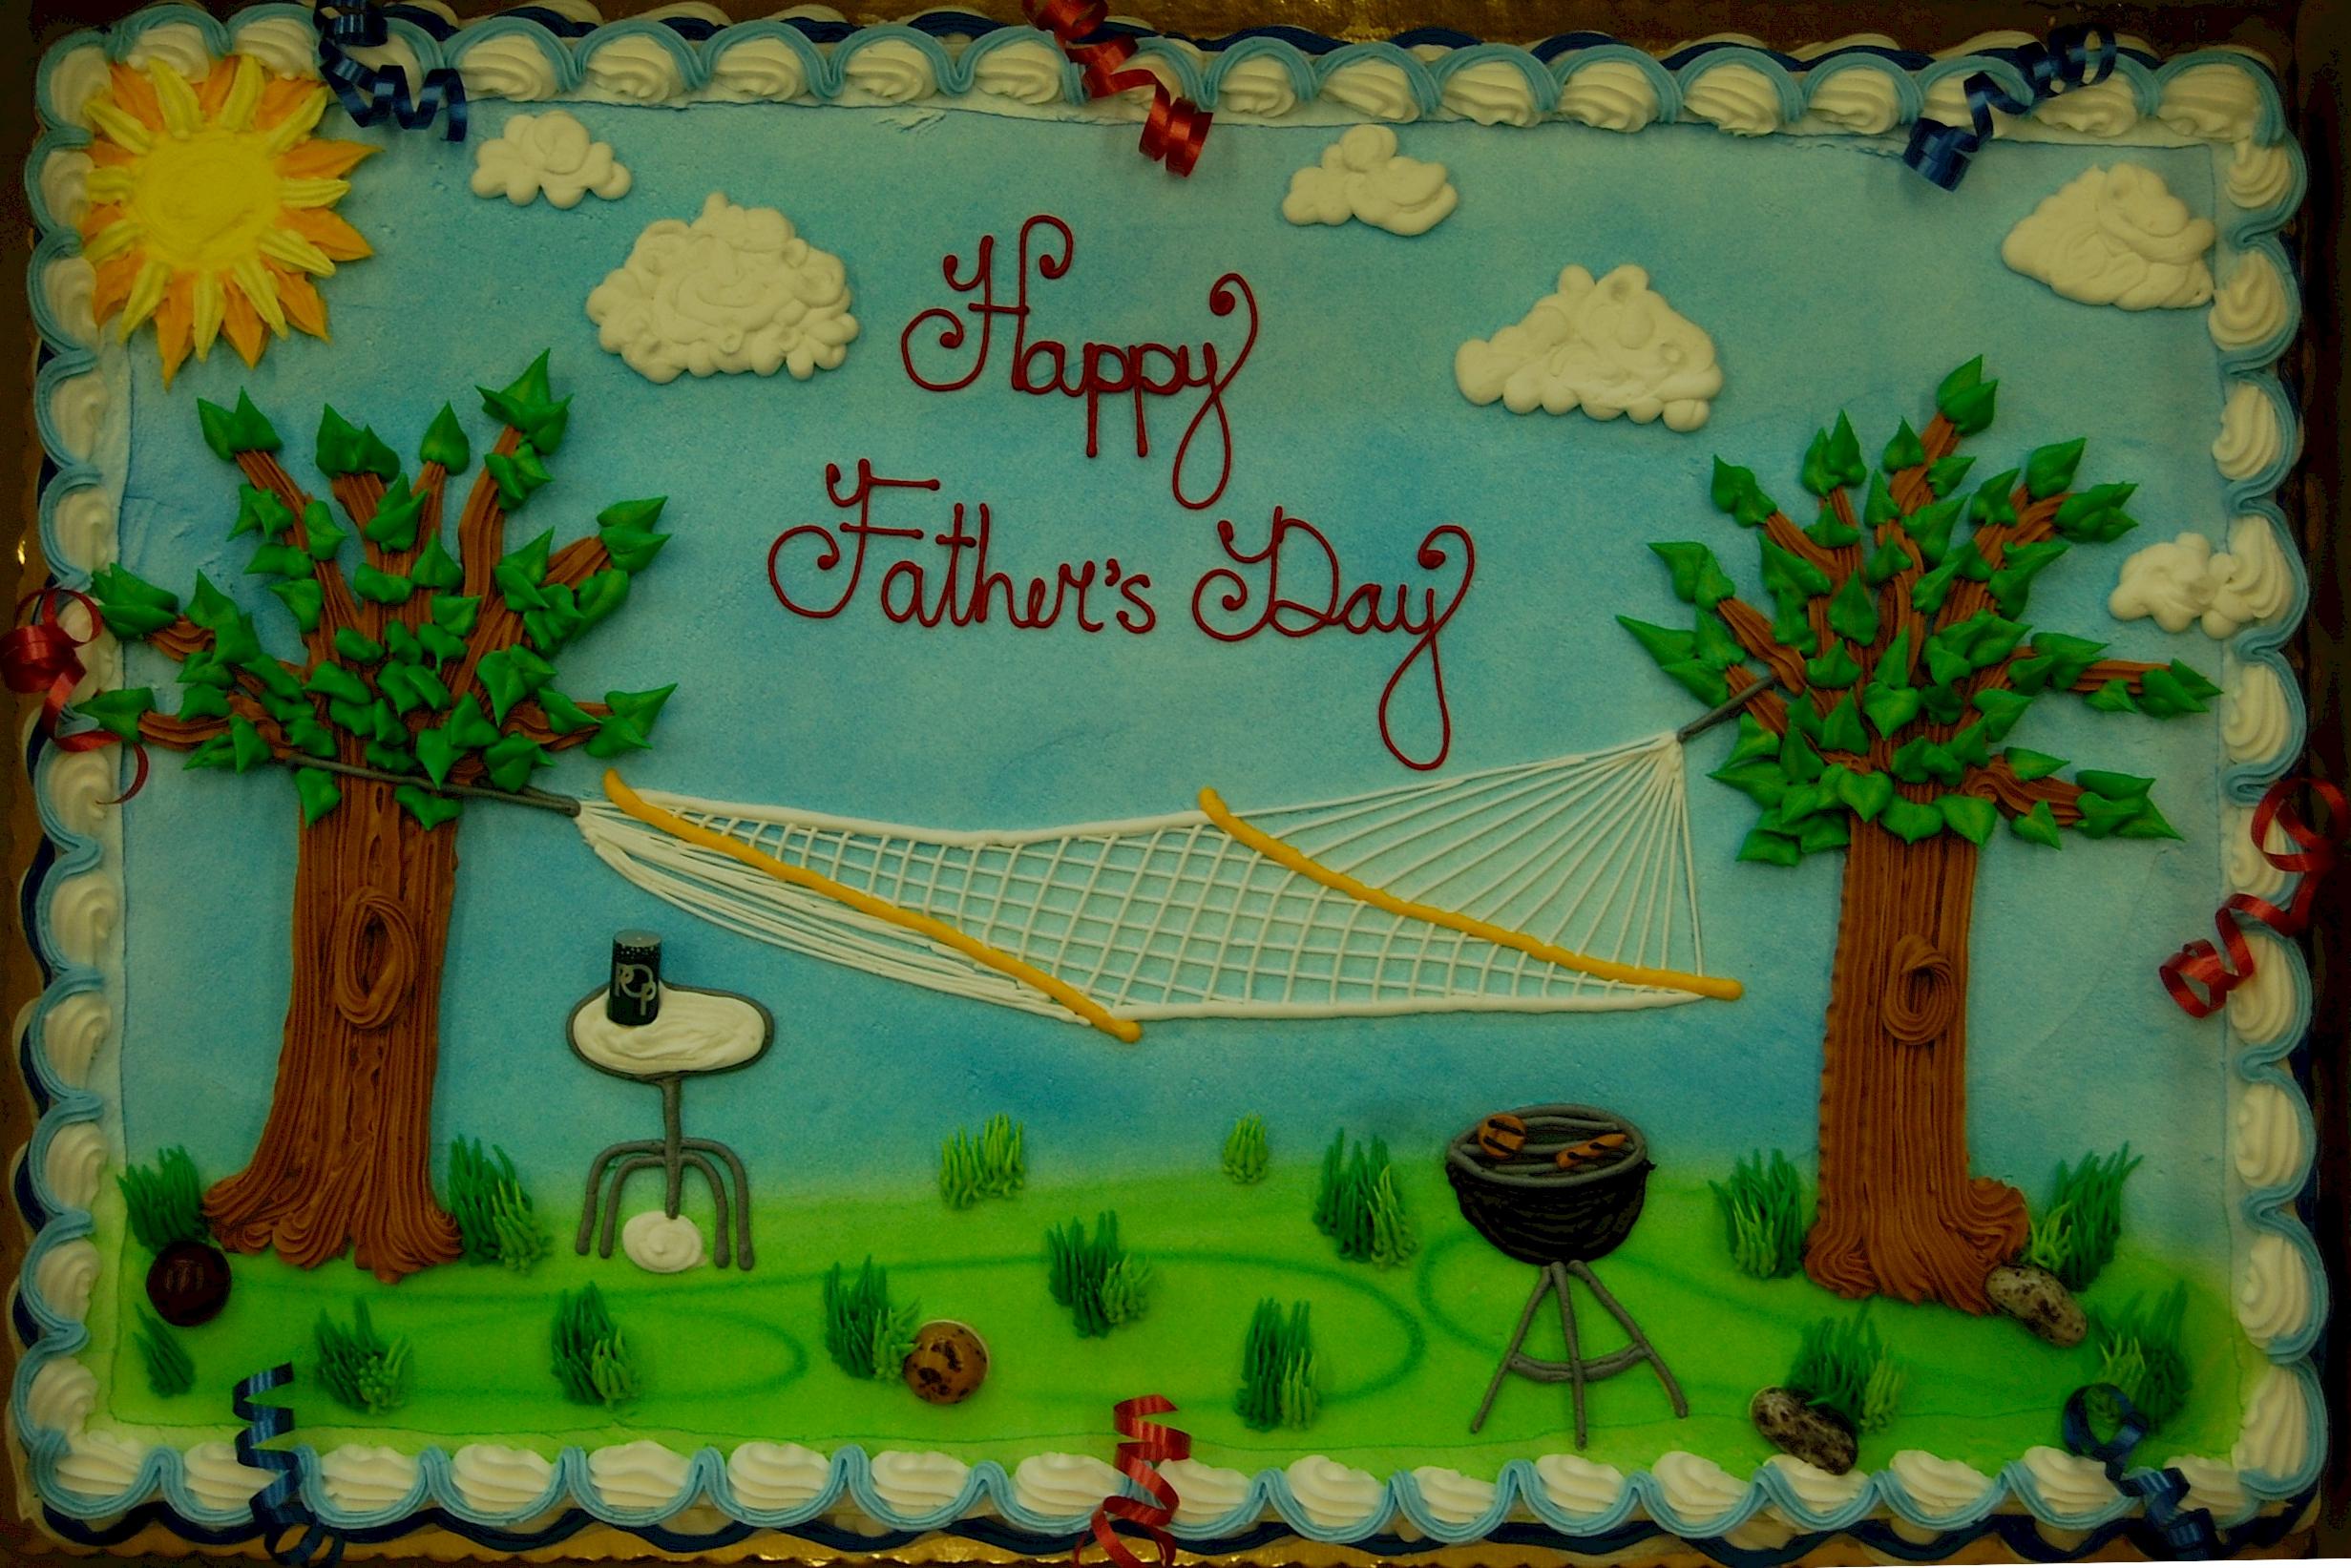 New Lenox Illinois >> Father's Day- Fleckenstein's Bakery Mokena, Illinois ...